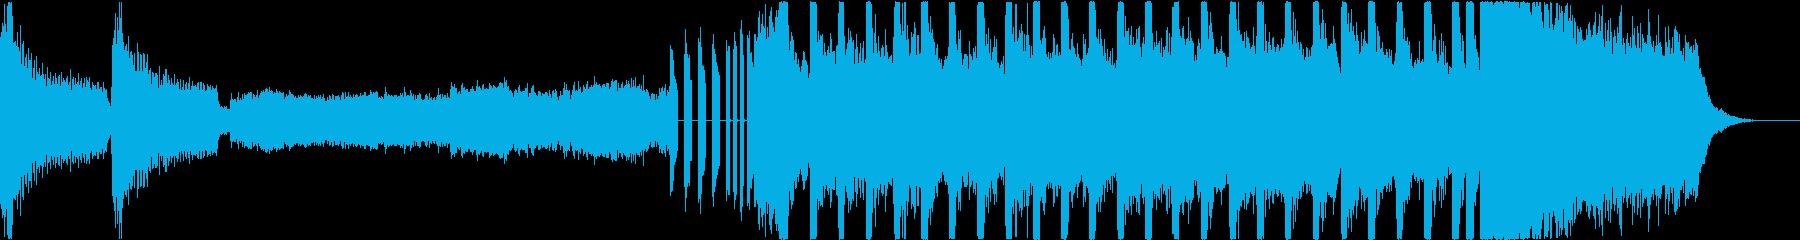 クラシック楽器とEDMの融合の再生済みの波形